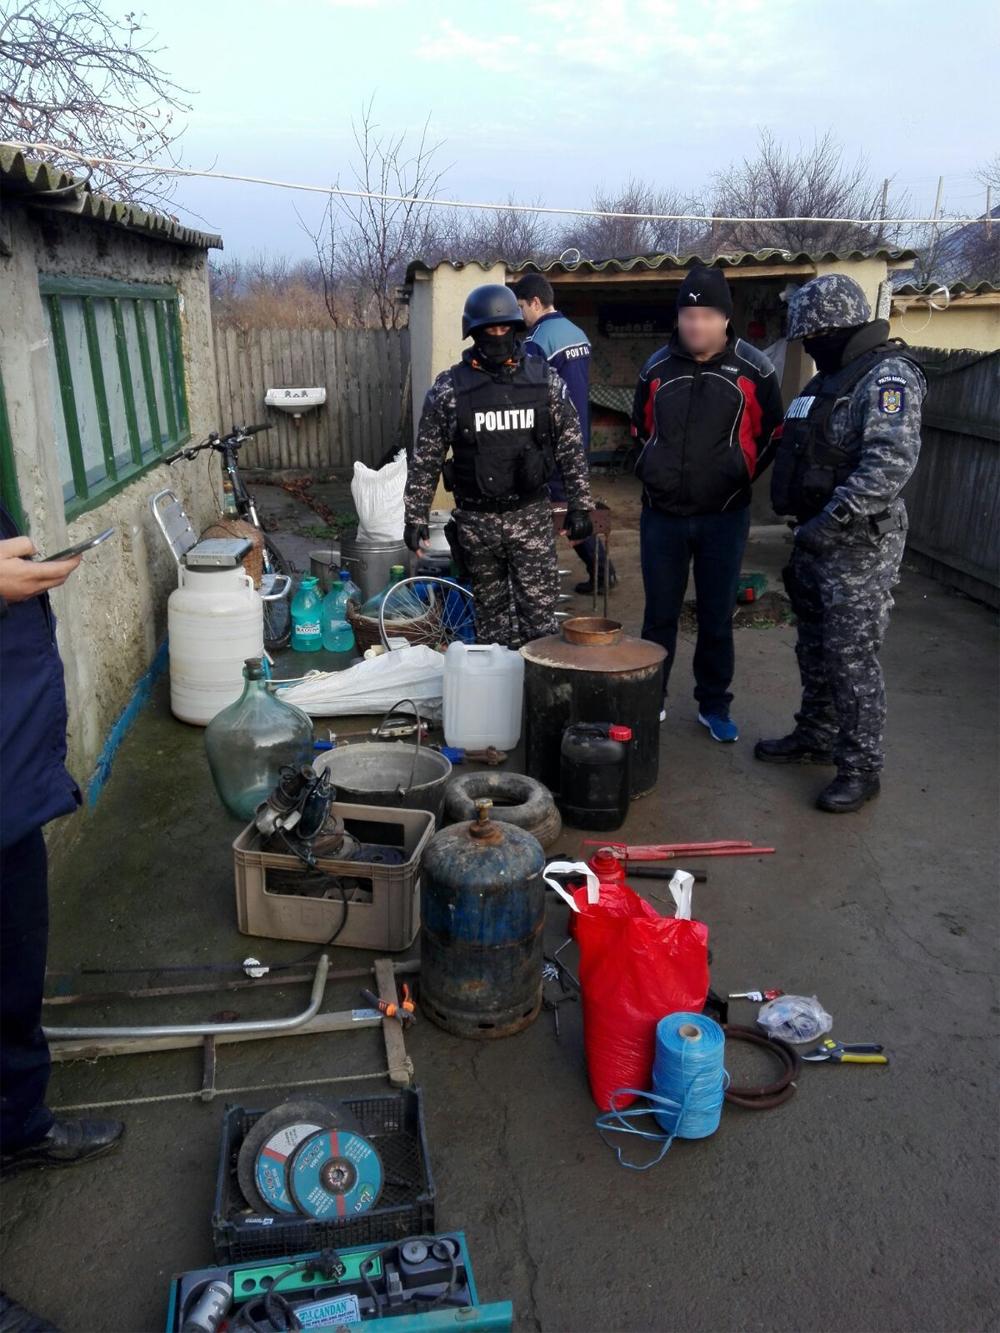 Bărbat din Vişina, bănuit de furturi în valoare de 8.000 de lei